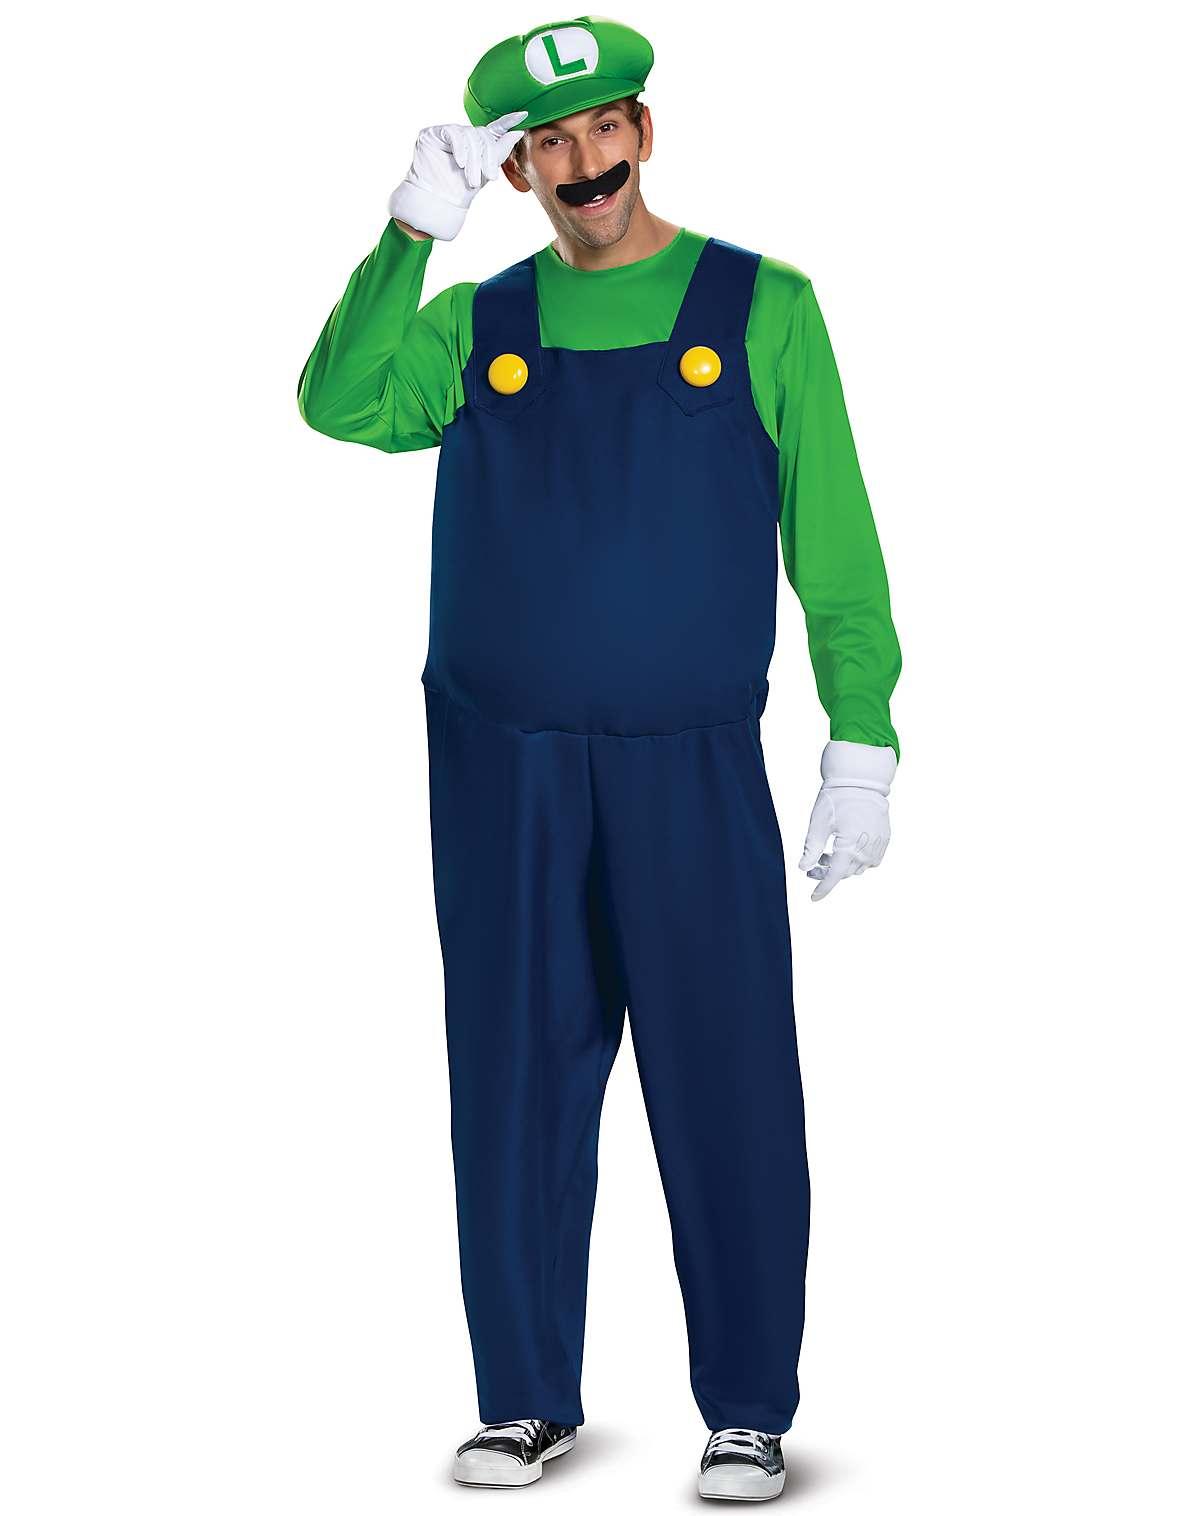 Plus size Luigi costume - Super Mario Bros.